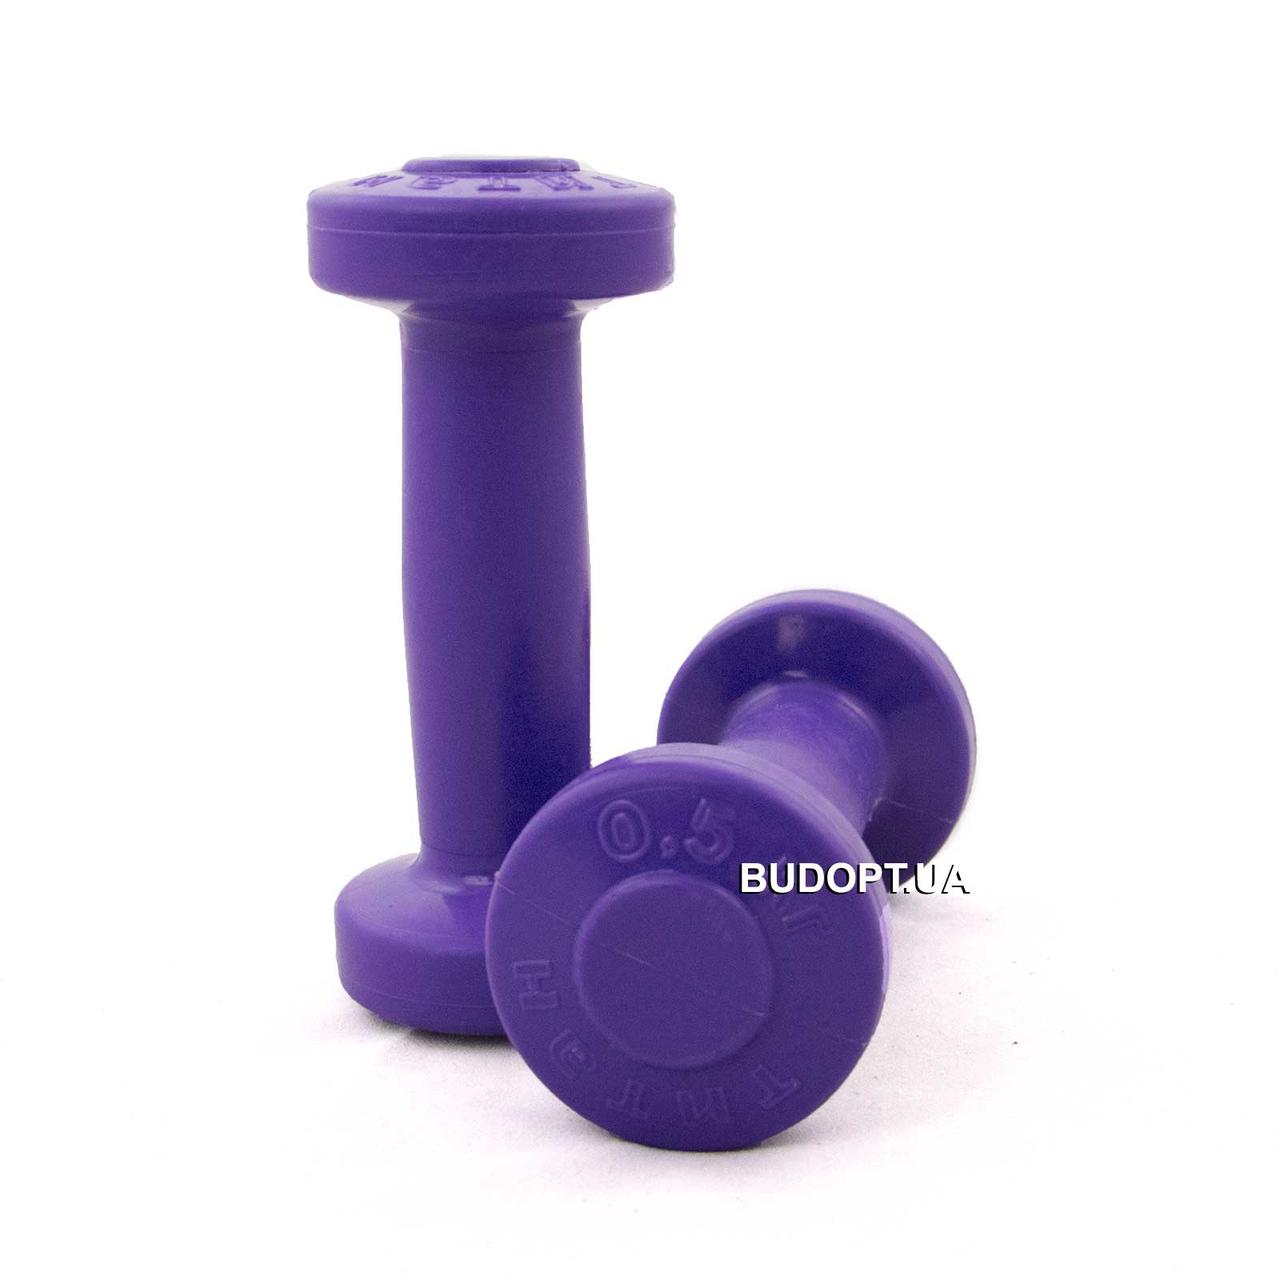 Гантели для фитнеса OSPORT Титан 0.5 кг (FI-0094-0.5) - O-SPORT - спортивные товары оптом и врозницу в Харькове